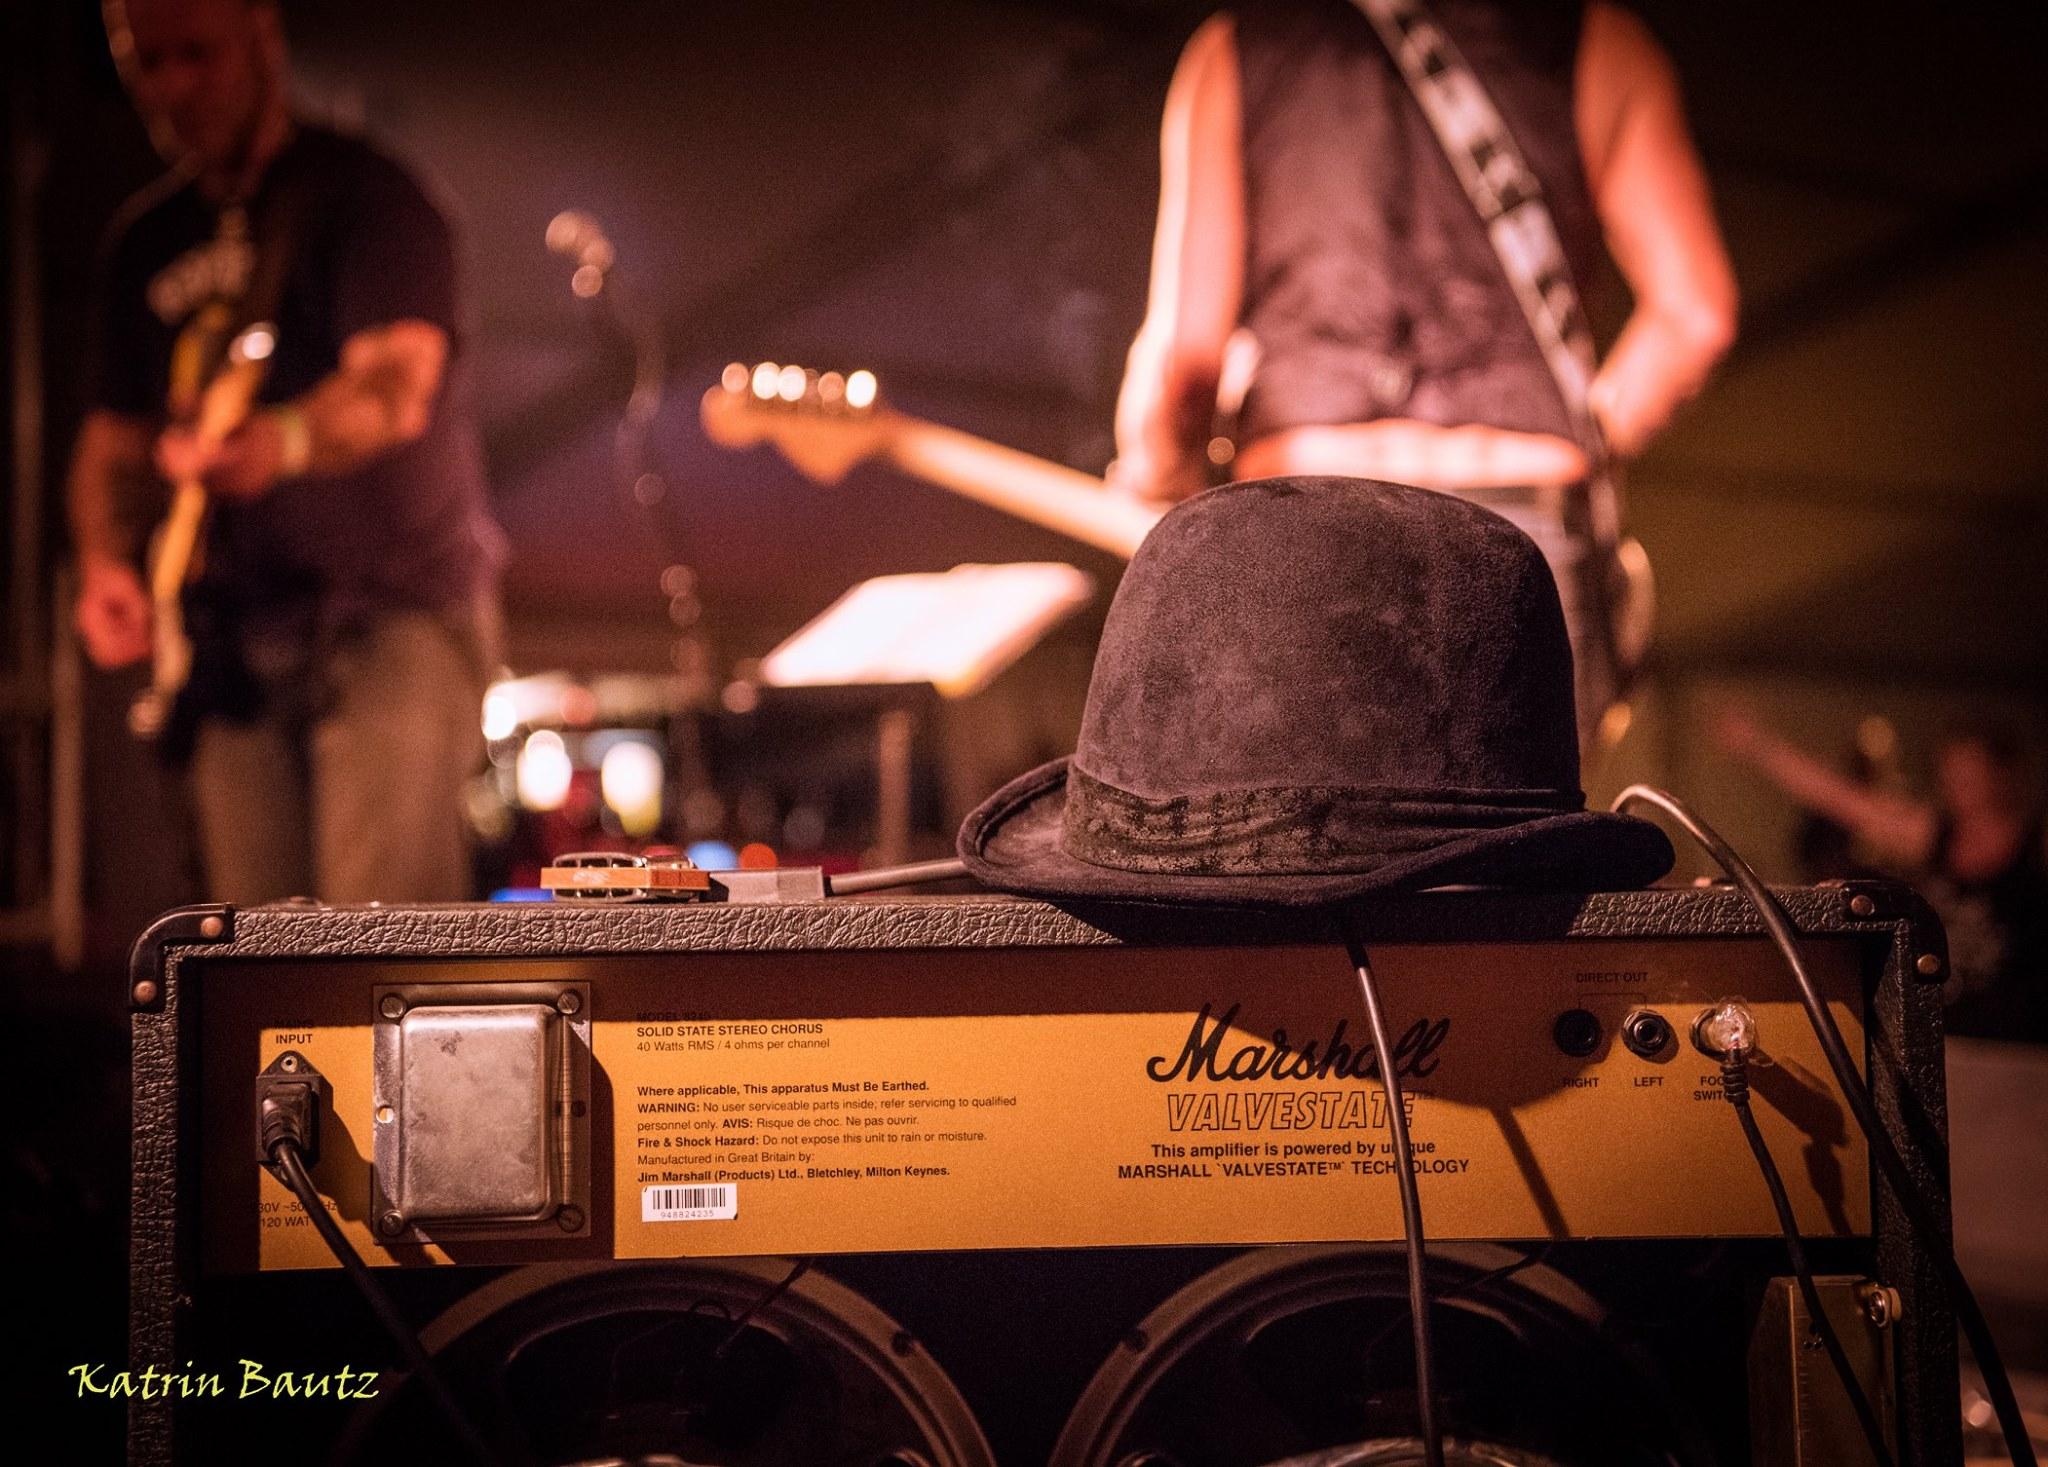 Konzert, Band, Musiker, Videos, Facebook, Veranstaltungstipps, Musik, HEIDI VOM LANDE, Hamburg, Bloggerin, Blog aus und für Bergdorf, Kooperationen, Newcomer, Rockfire, Katrin Bautz